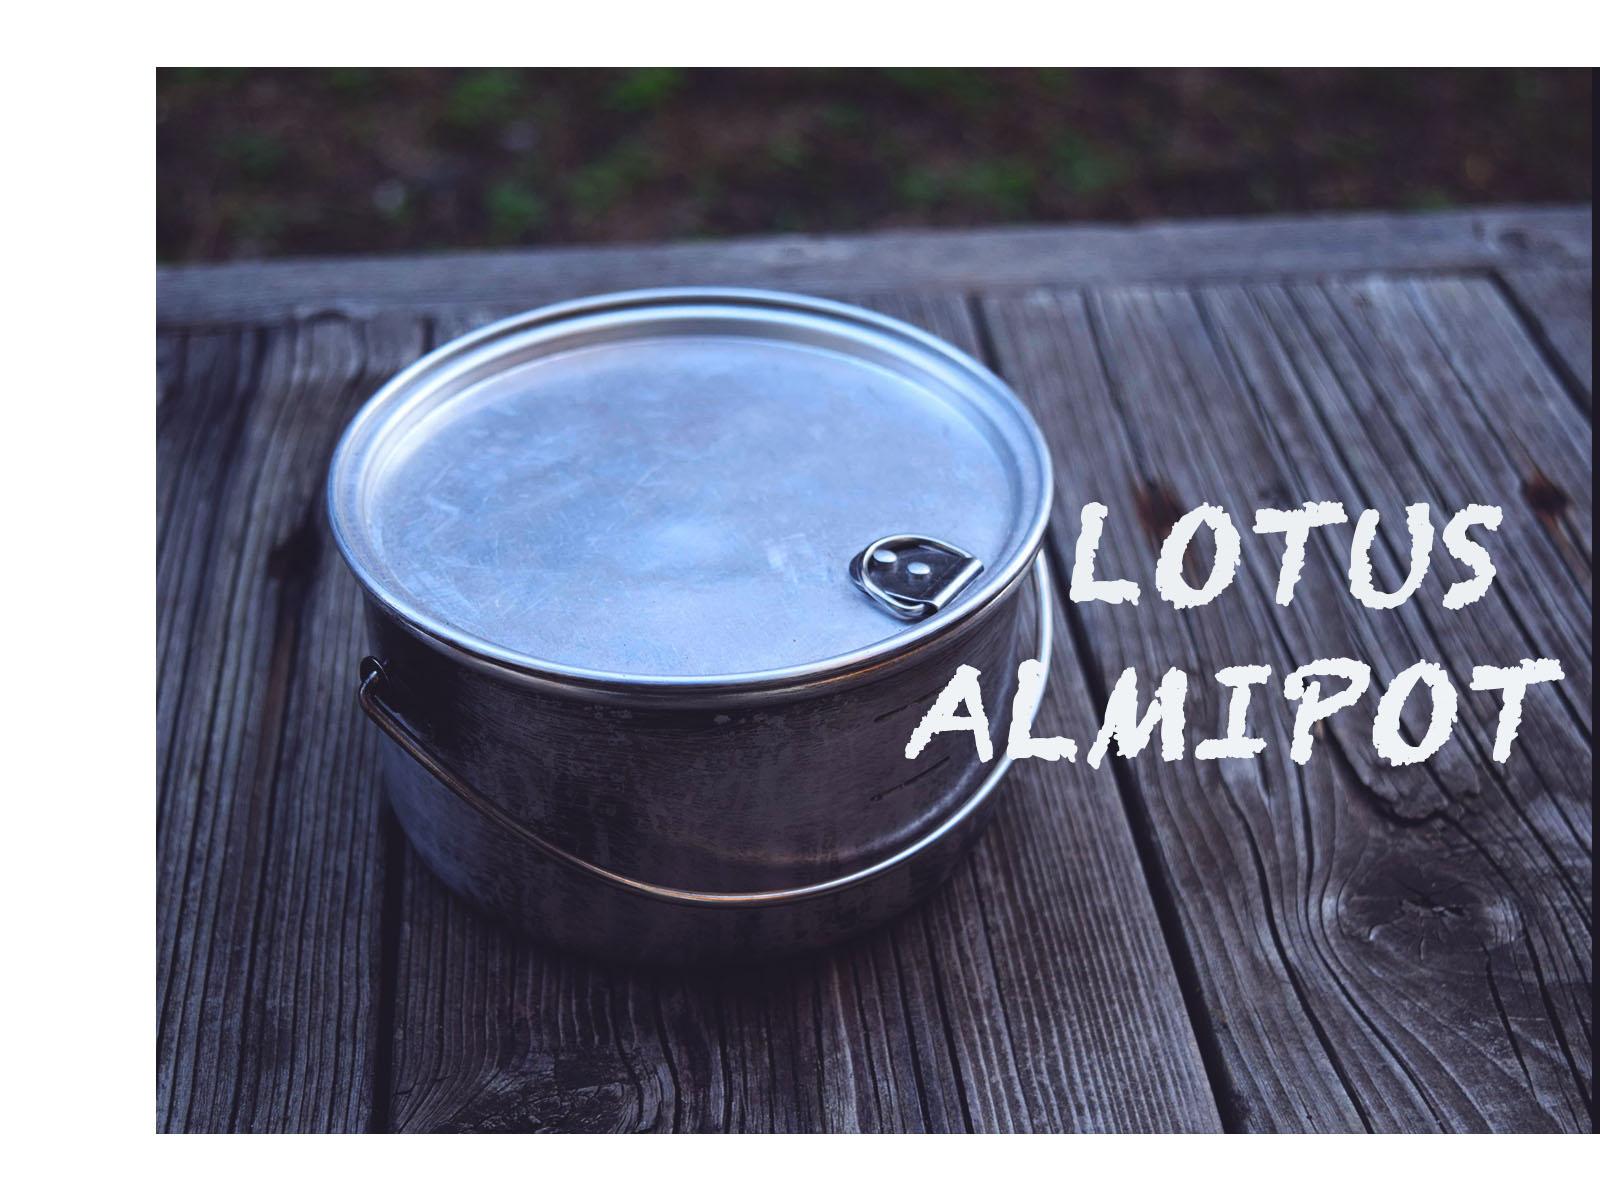 【ギアレビュー】ロータスのアルミポット1つあればで何でも調理できちゃう!